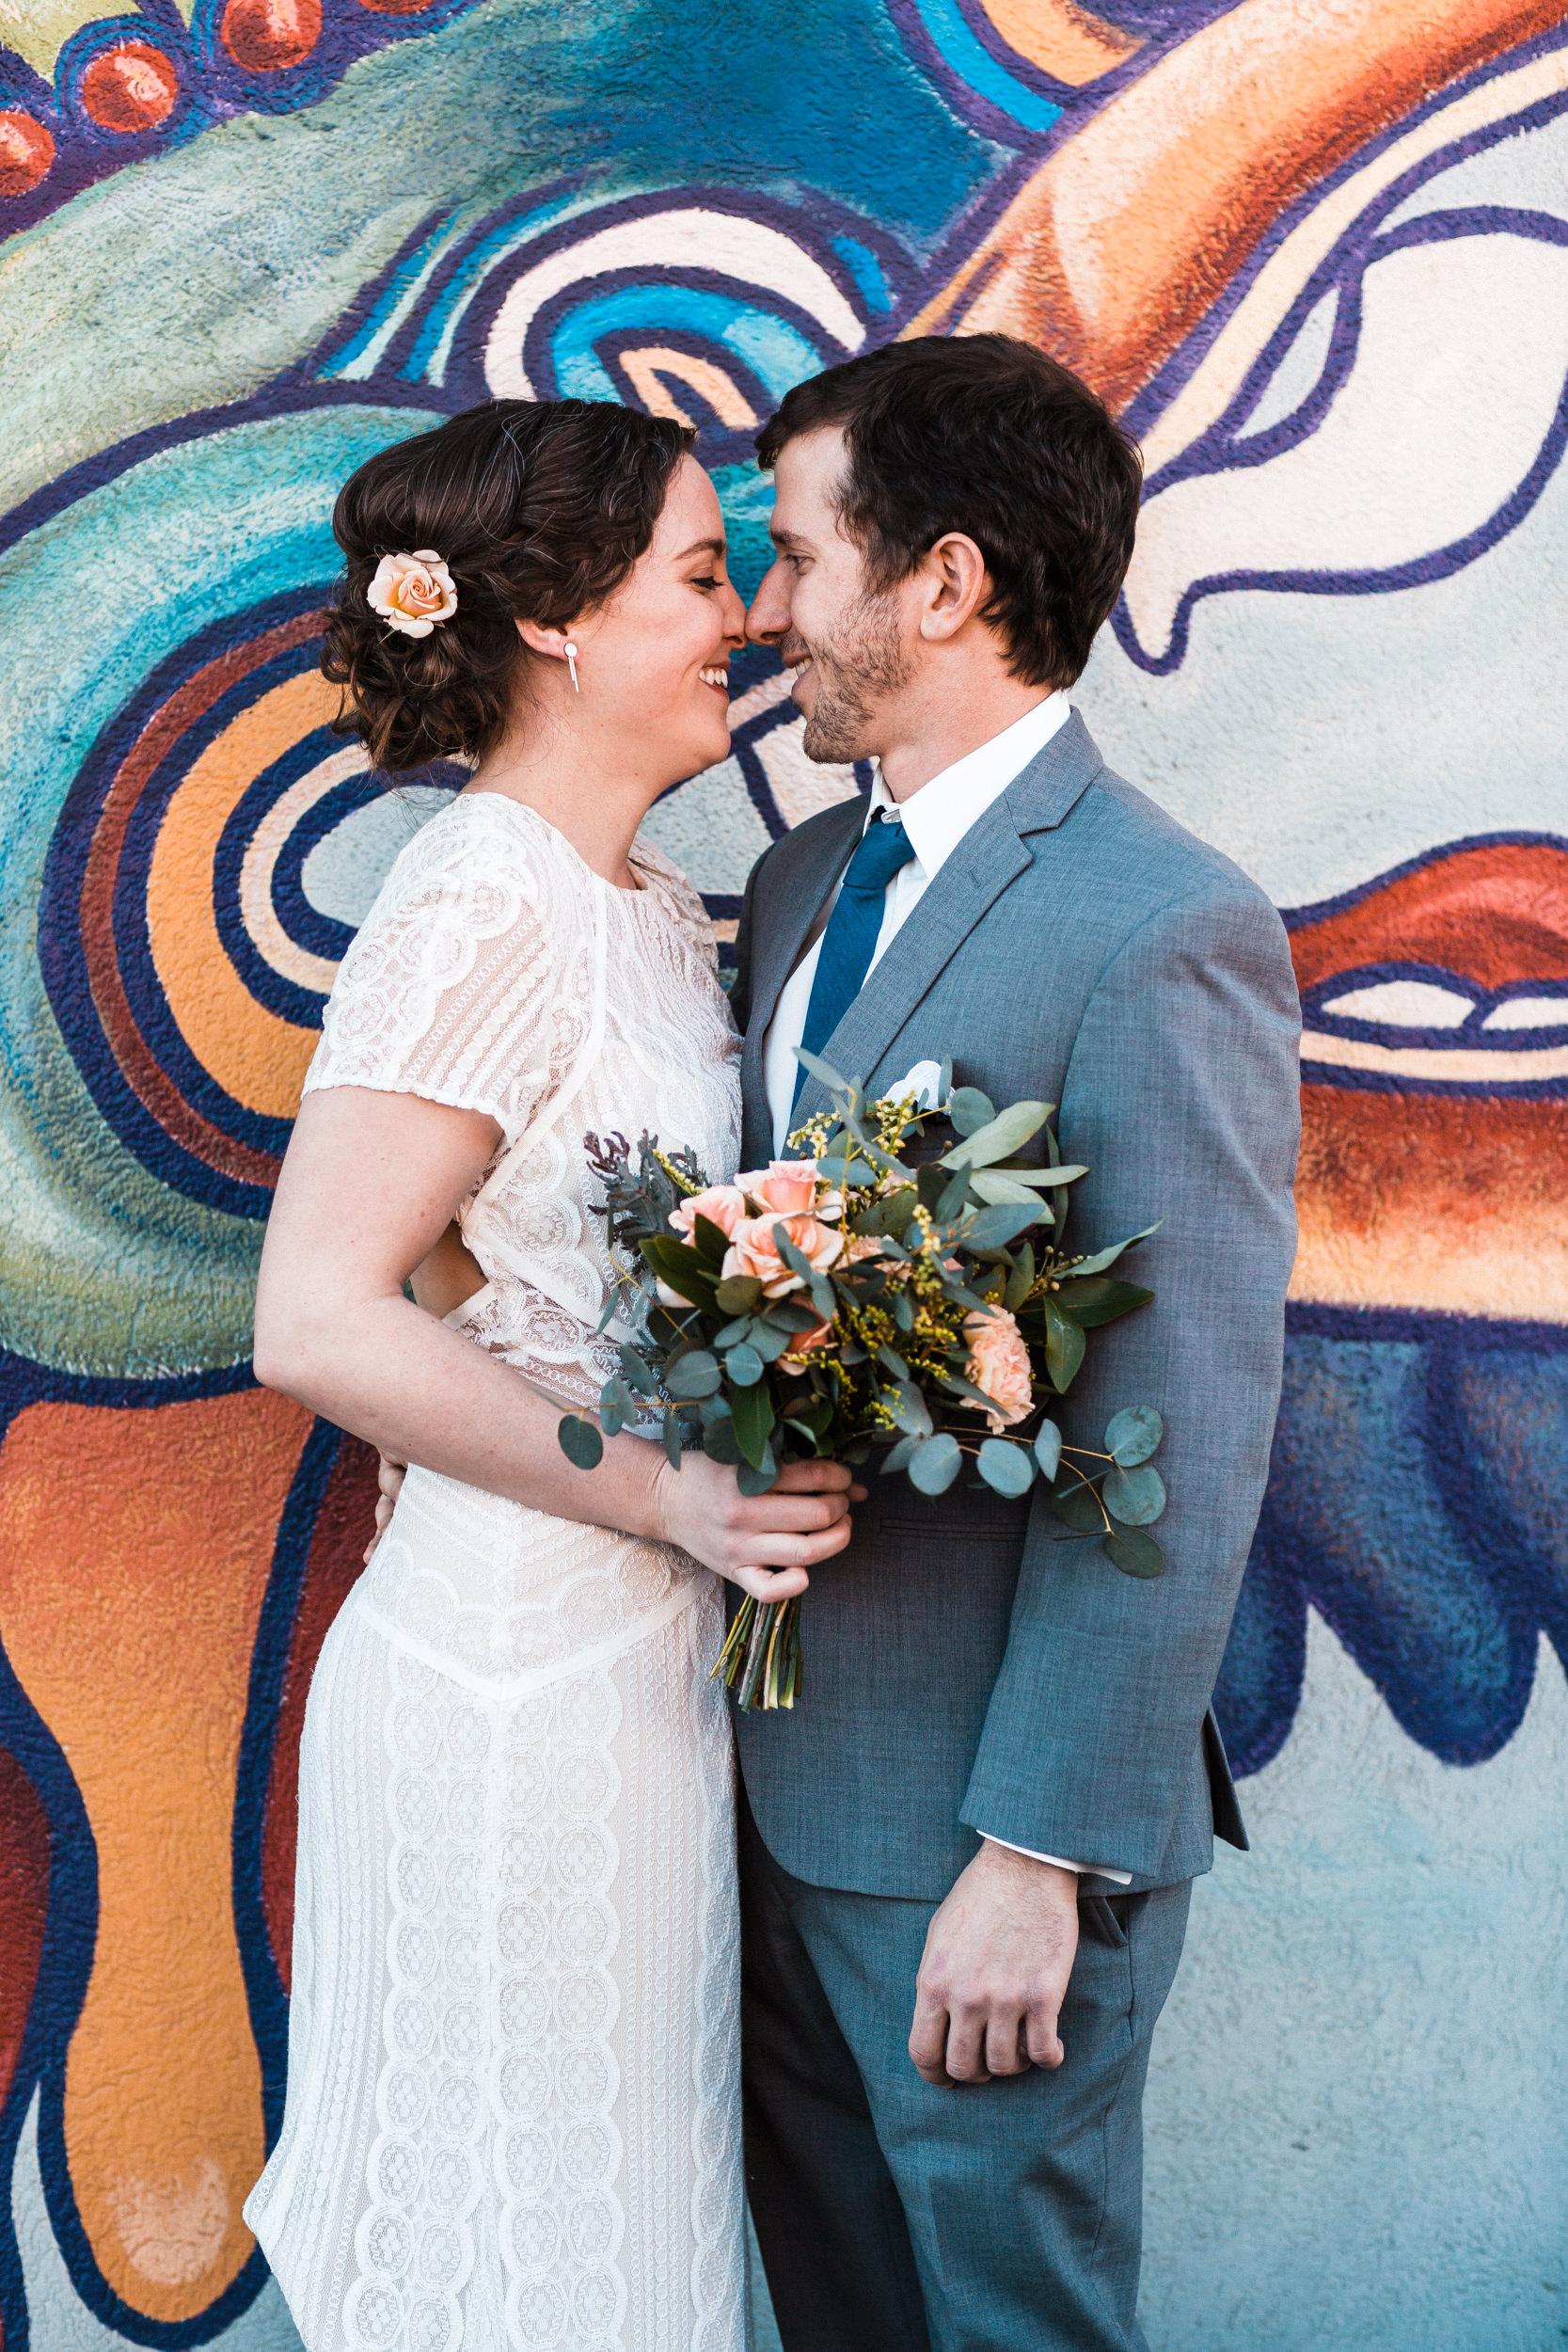 Wedding at Denver Santa Fe Art District-Colorado wedding